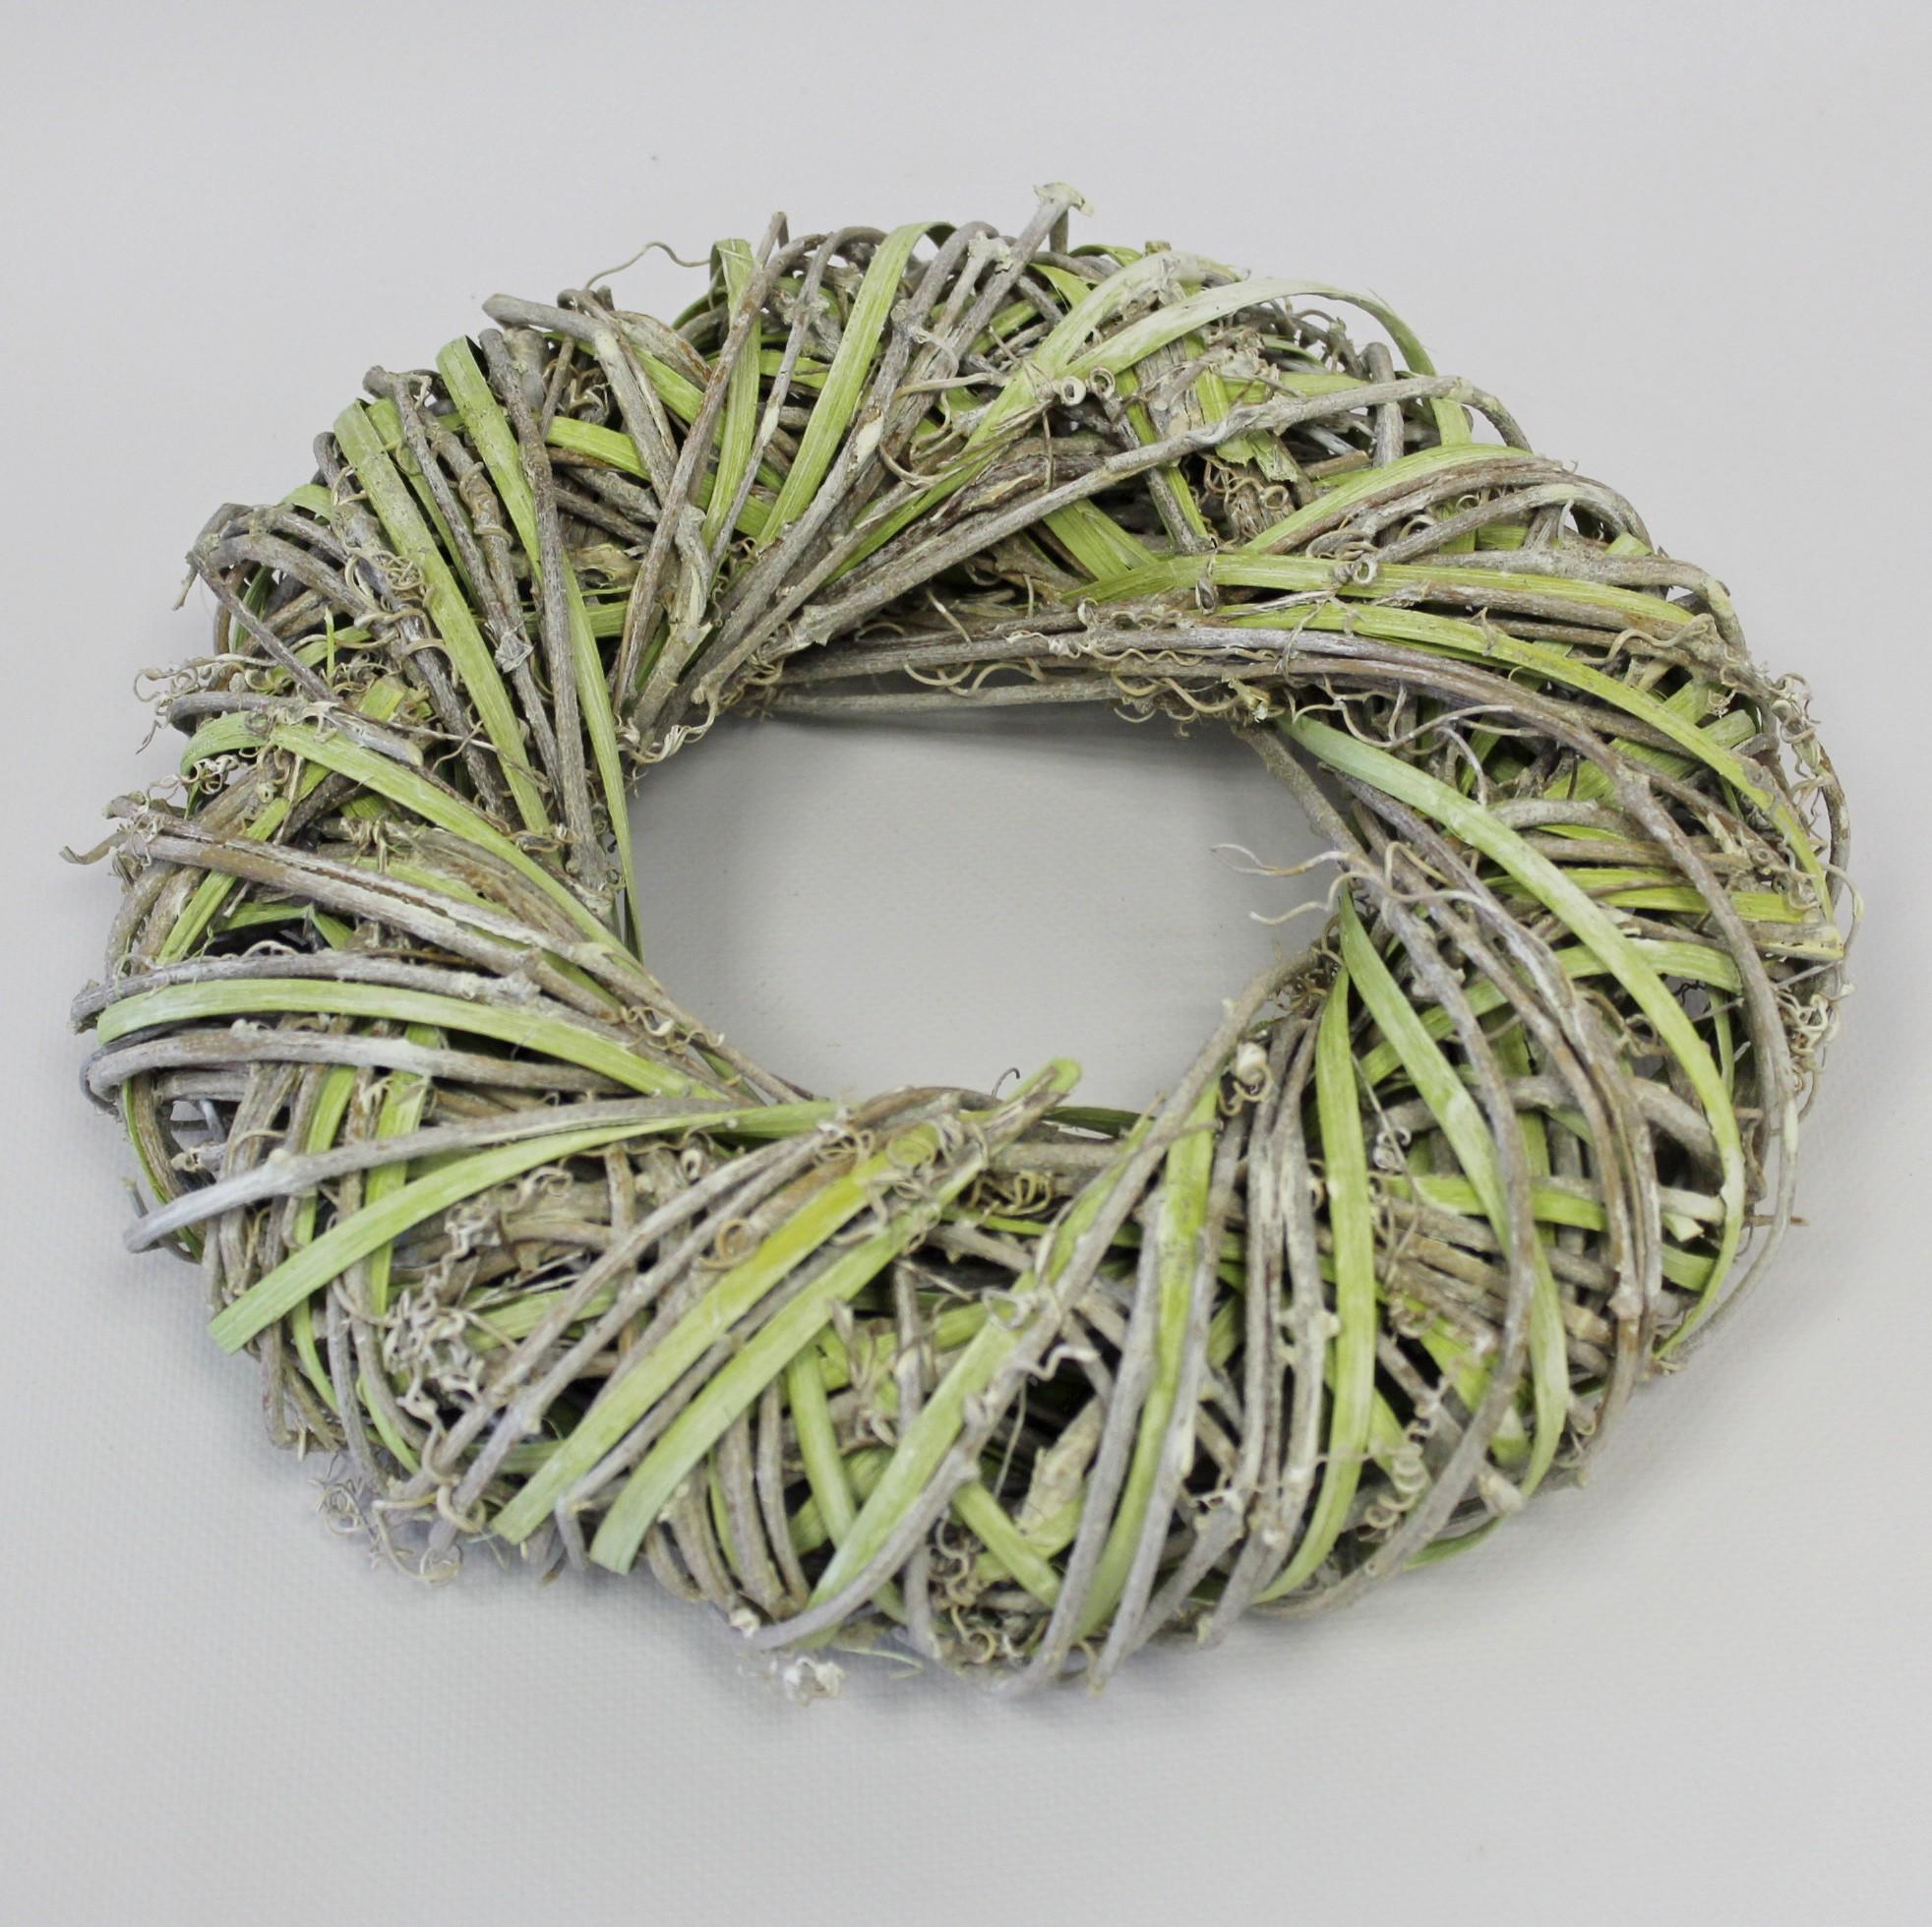 Věnec proutí 25cm bílá/zelená